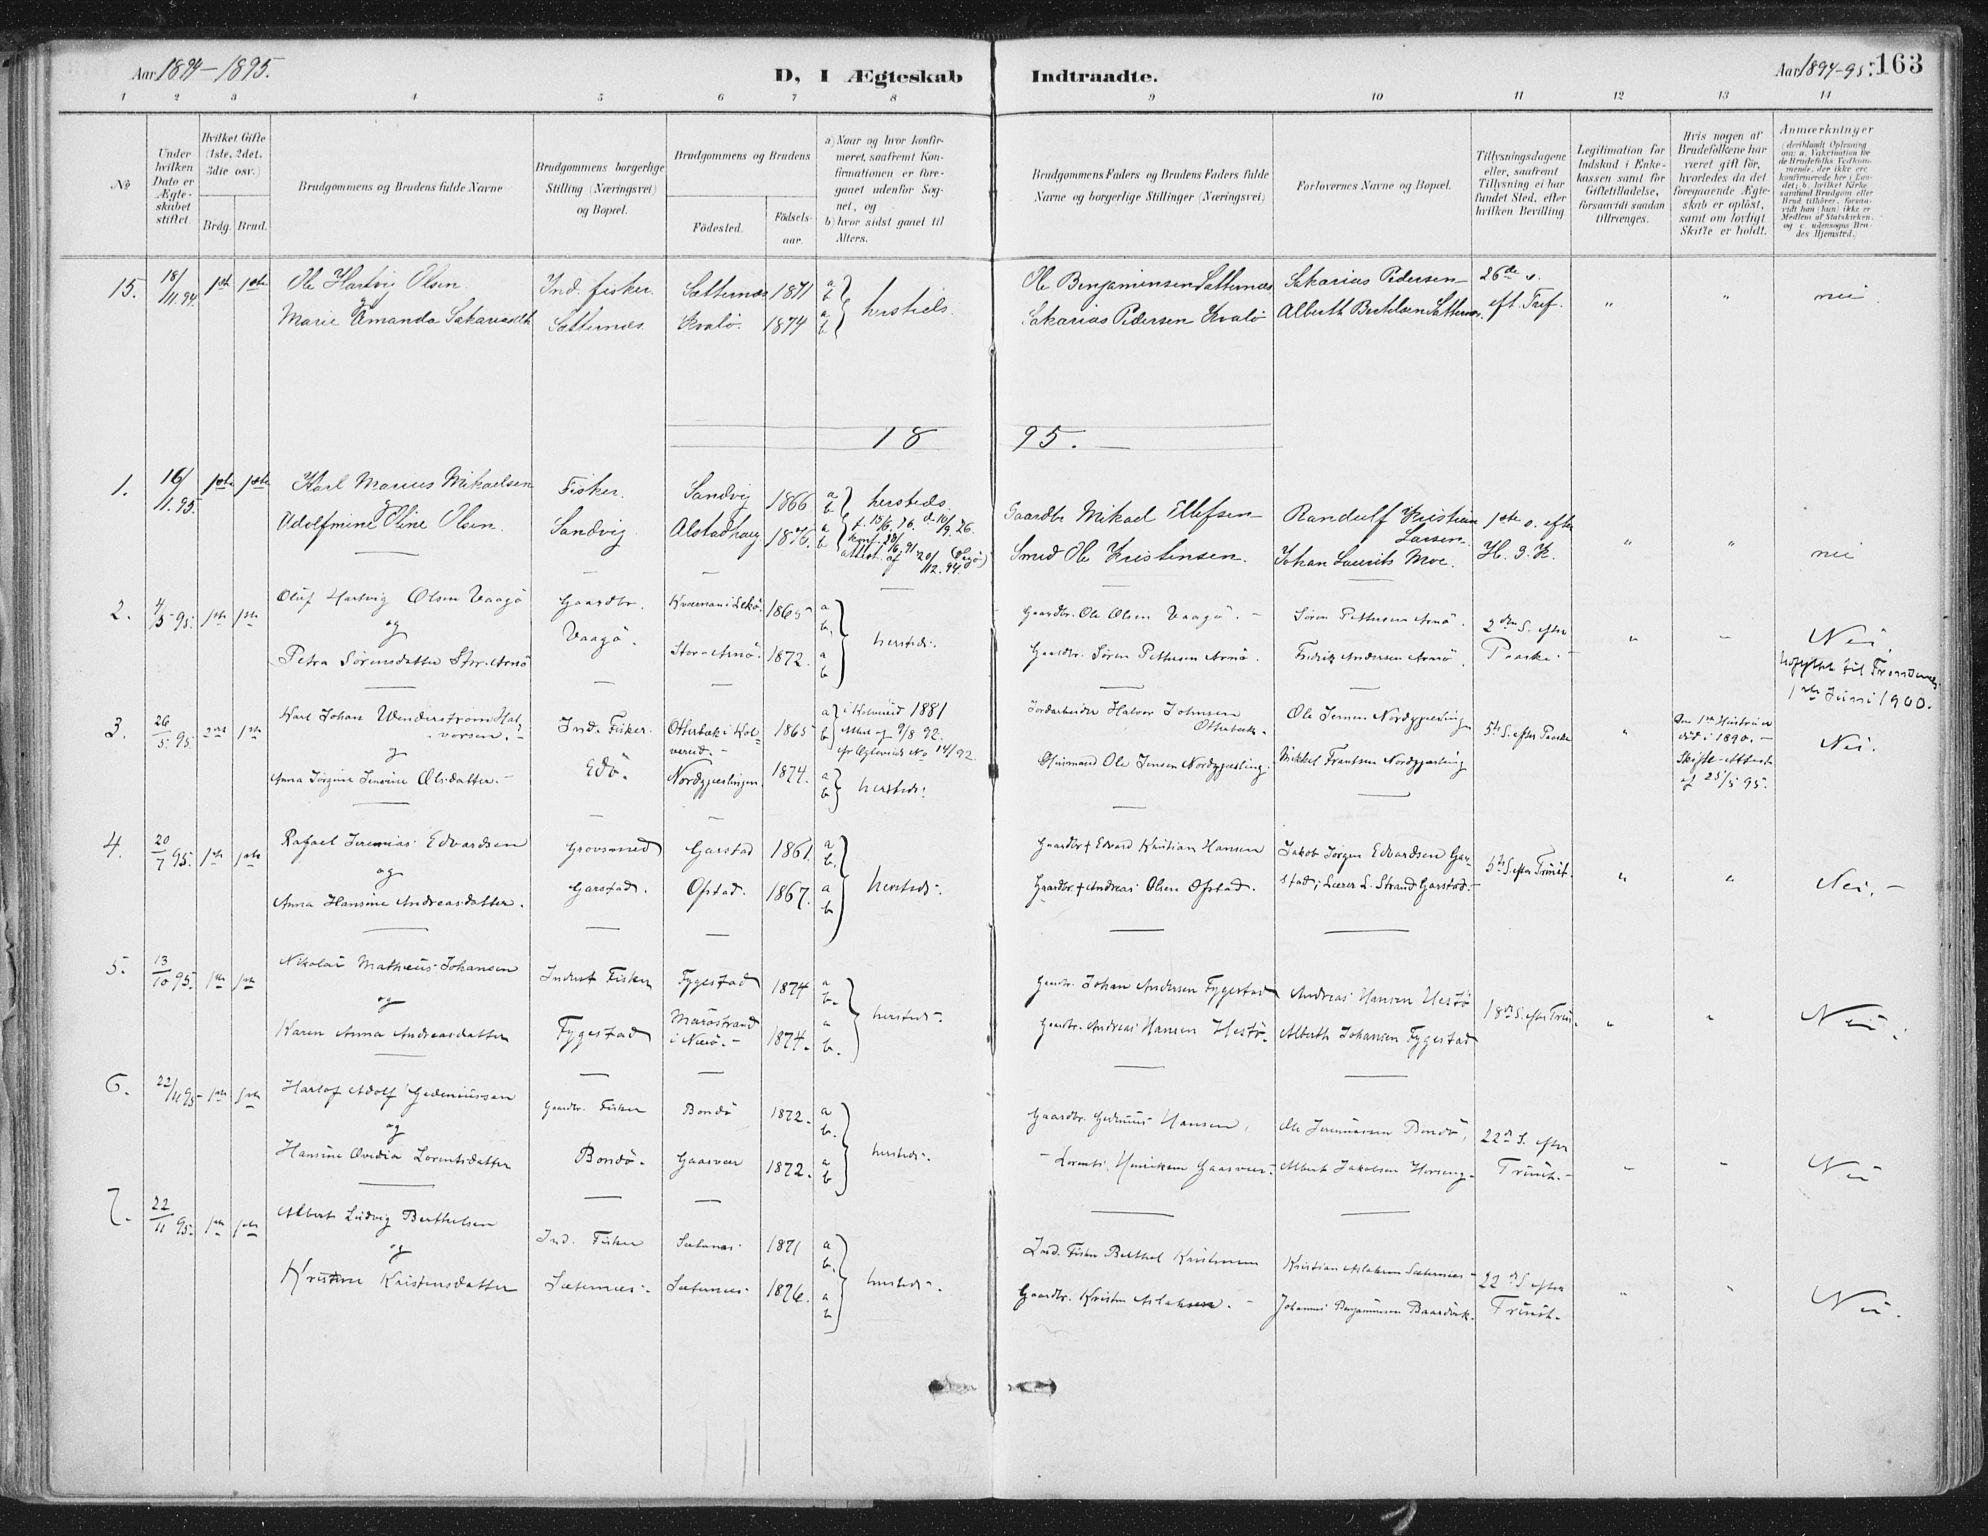 SAT, Ministerialprotokoller, klokkerbøker og fødselsregistre - Nord-Trøndelag, 786/L0687: Ministerialbok nr. 786A03, 1888-1898, s. 163